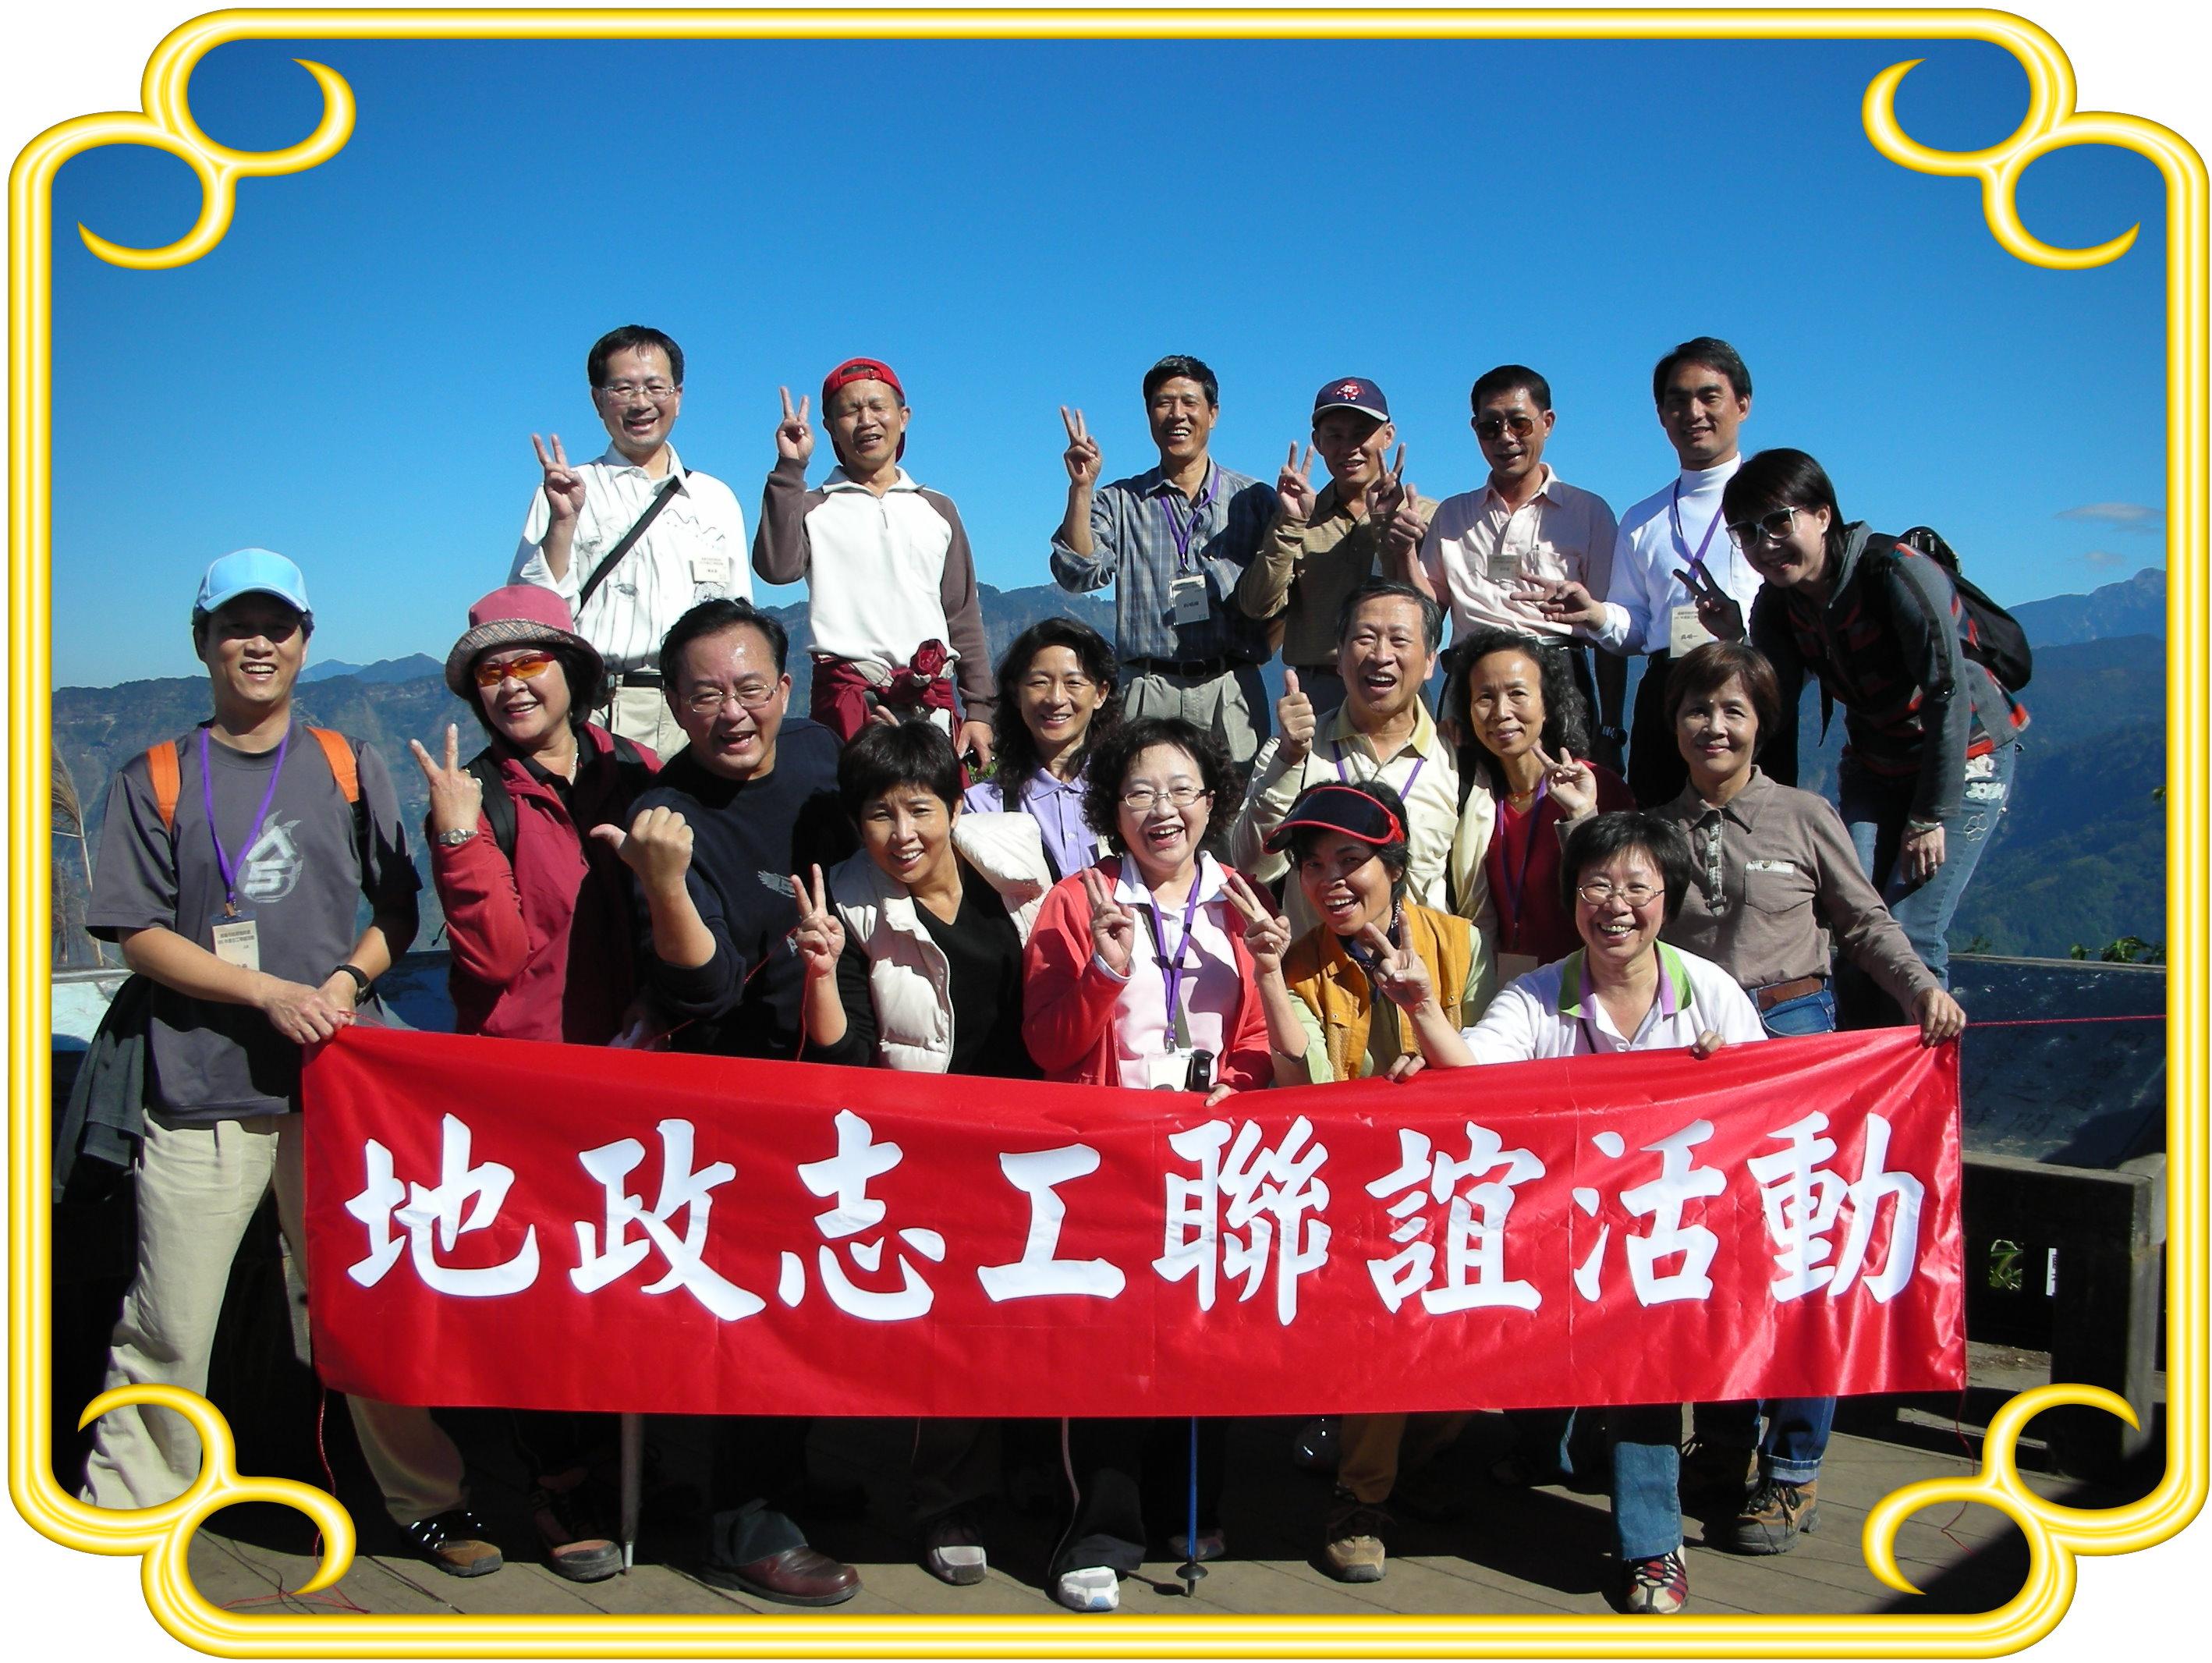 96年志工聯誼活動(大凍山)